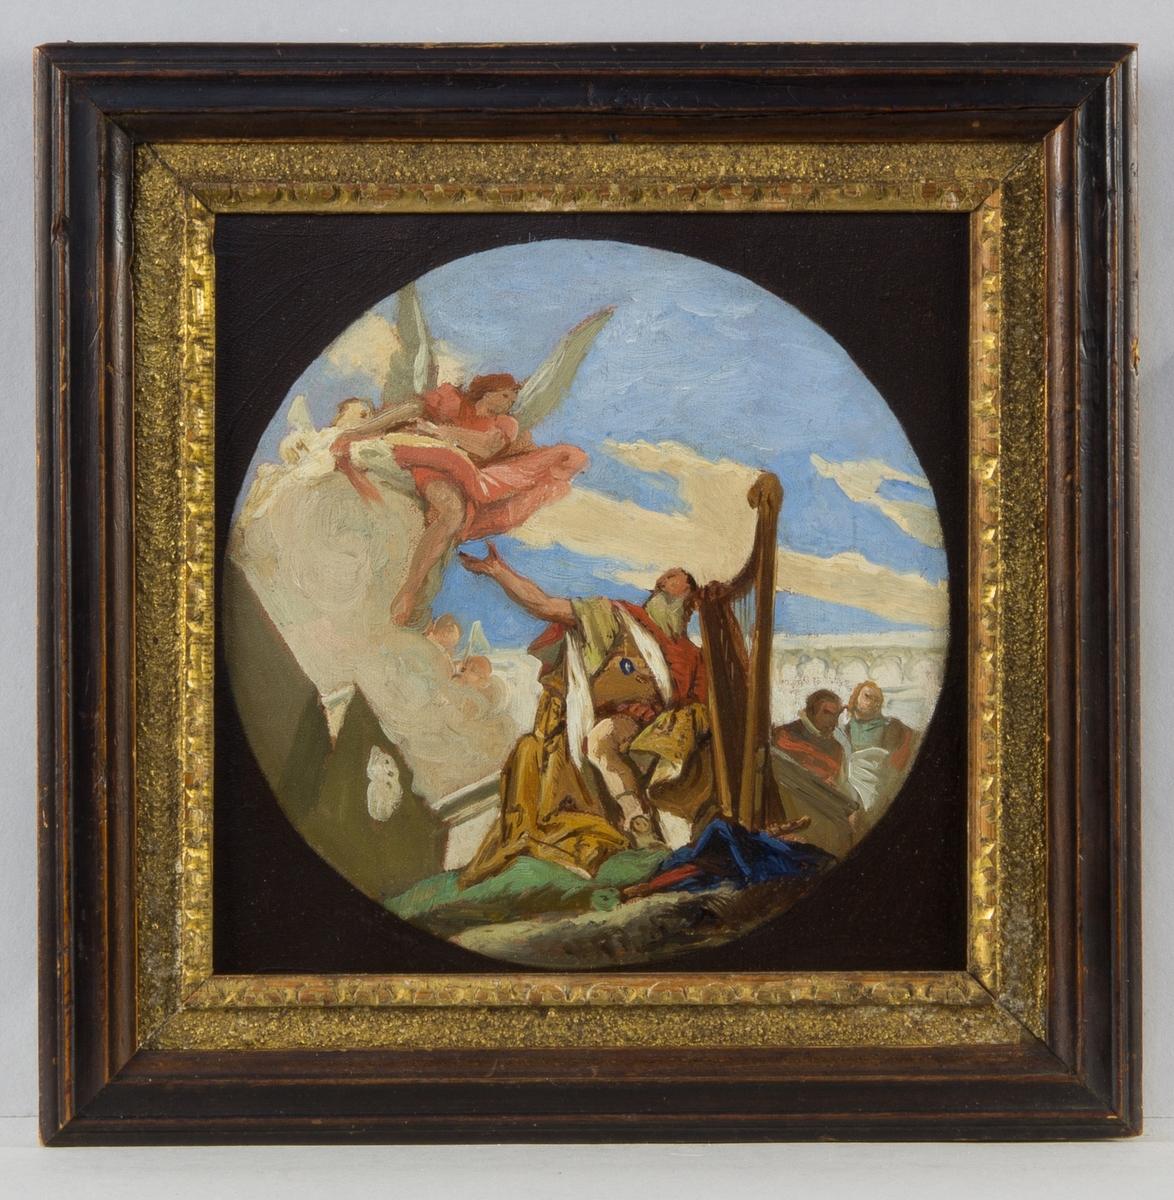 Konung David sitter i helfigur vid sin lyra. Ovanför honom en svävande ängel. I bakgrunden arkitekturelement och två figurer.